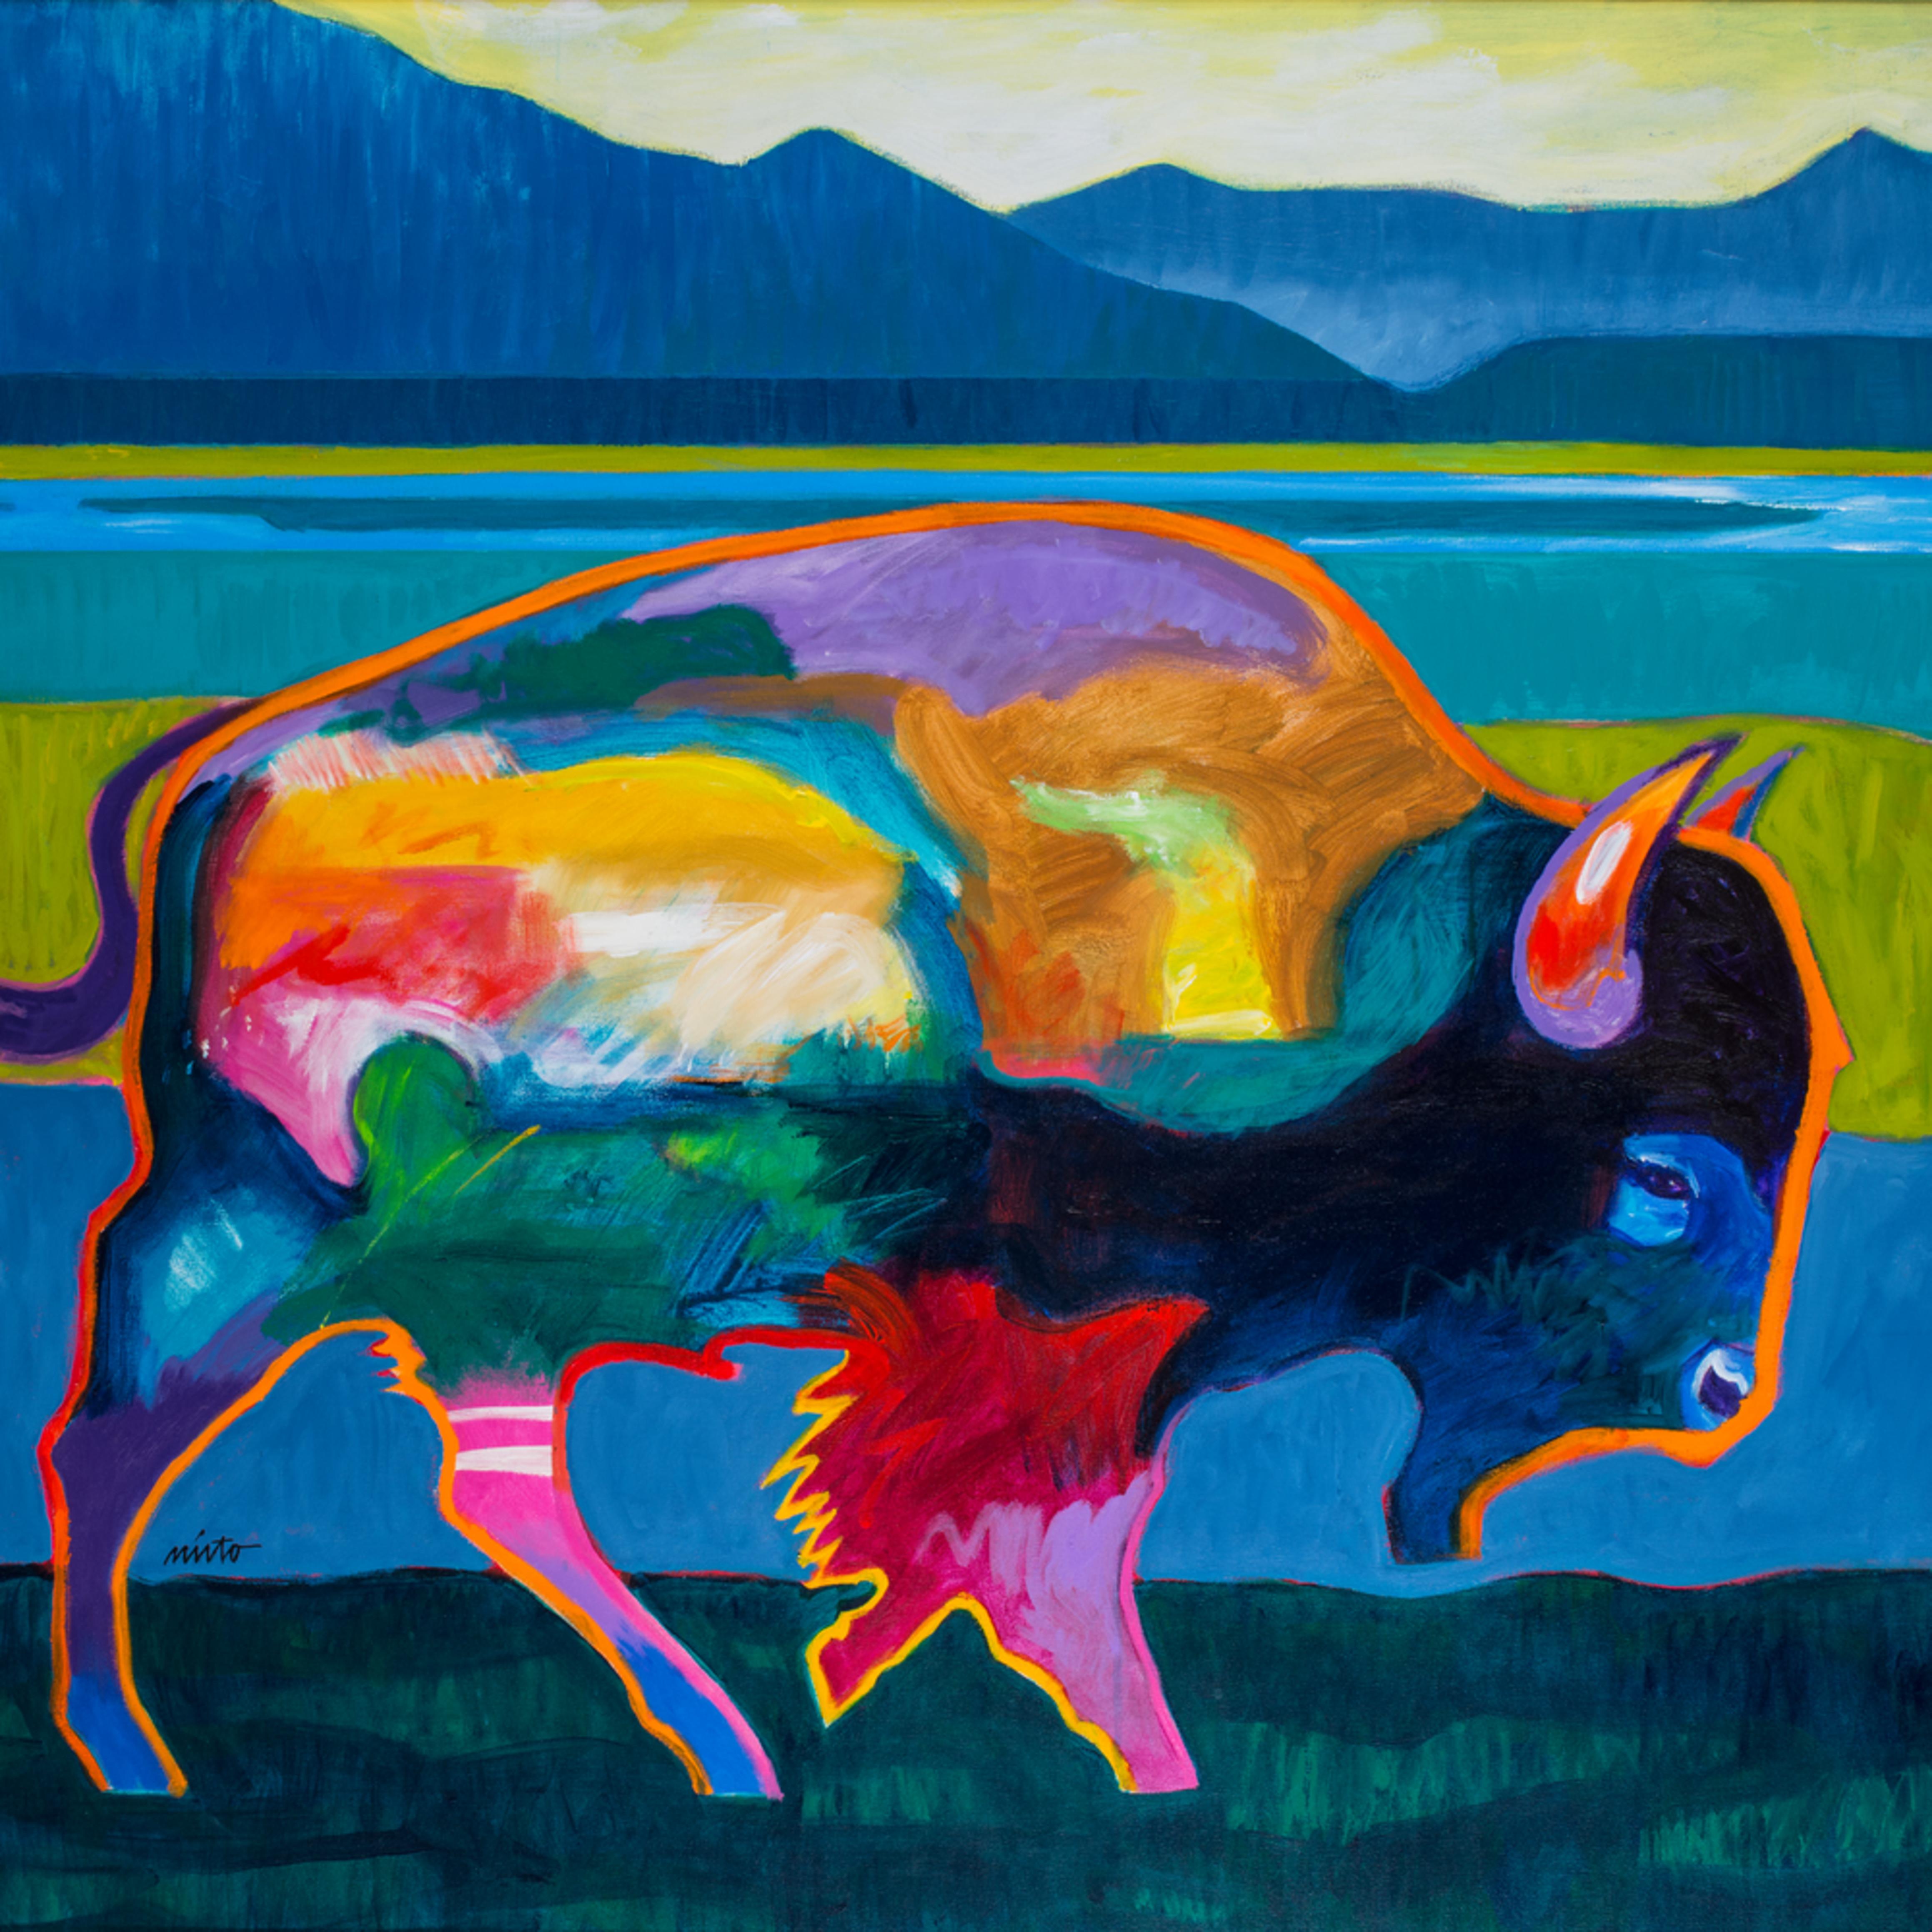 Buffalo in foothills nf7gkk